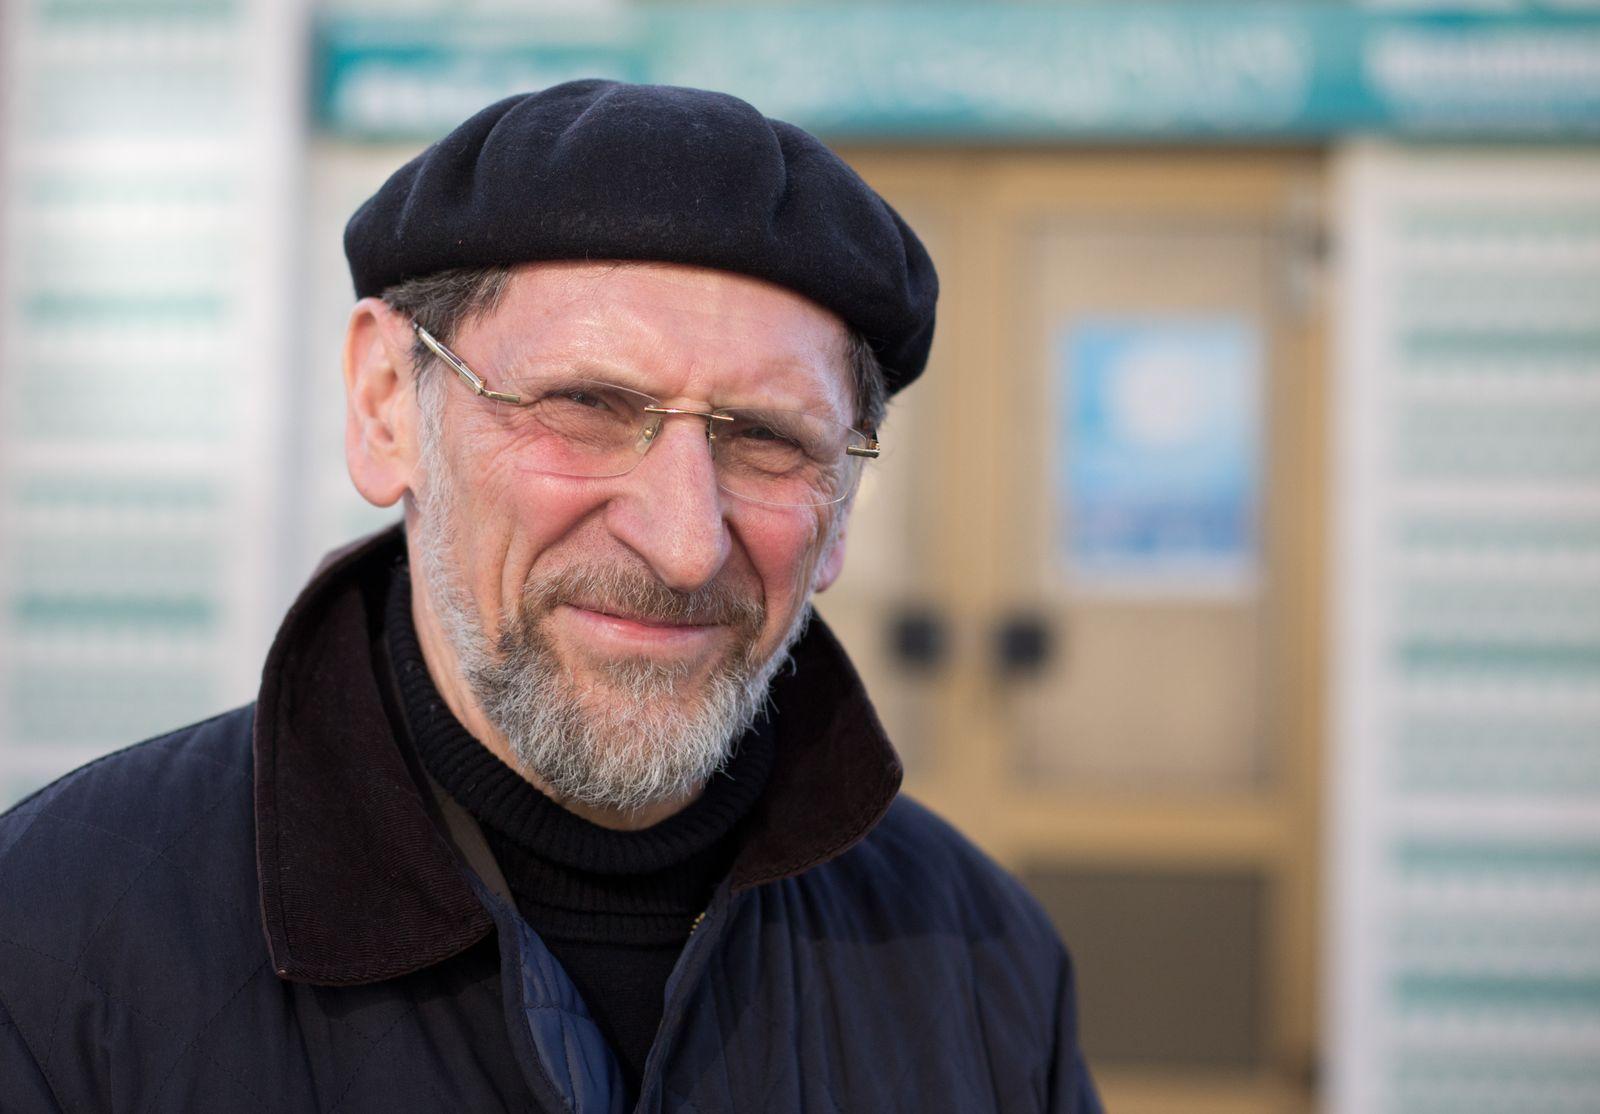 Abdullah Wagishauser